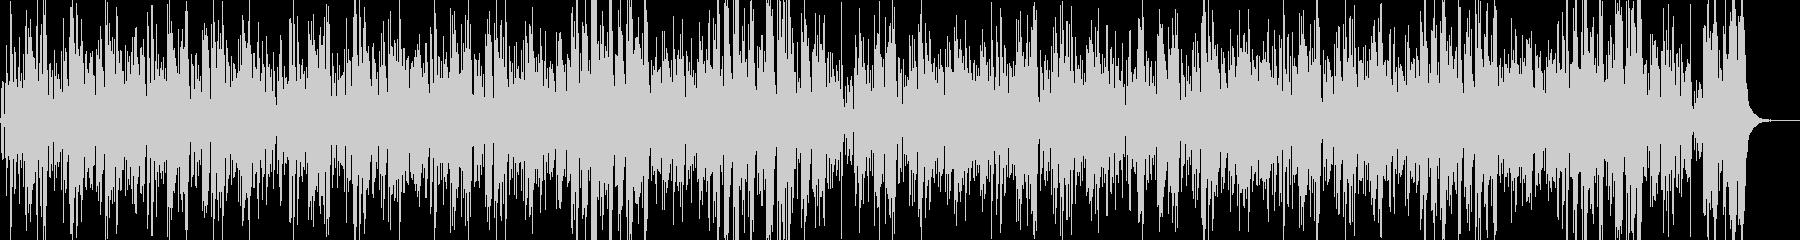 【生演奏】フルートとギターのXmas曲の未再生の波形